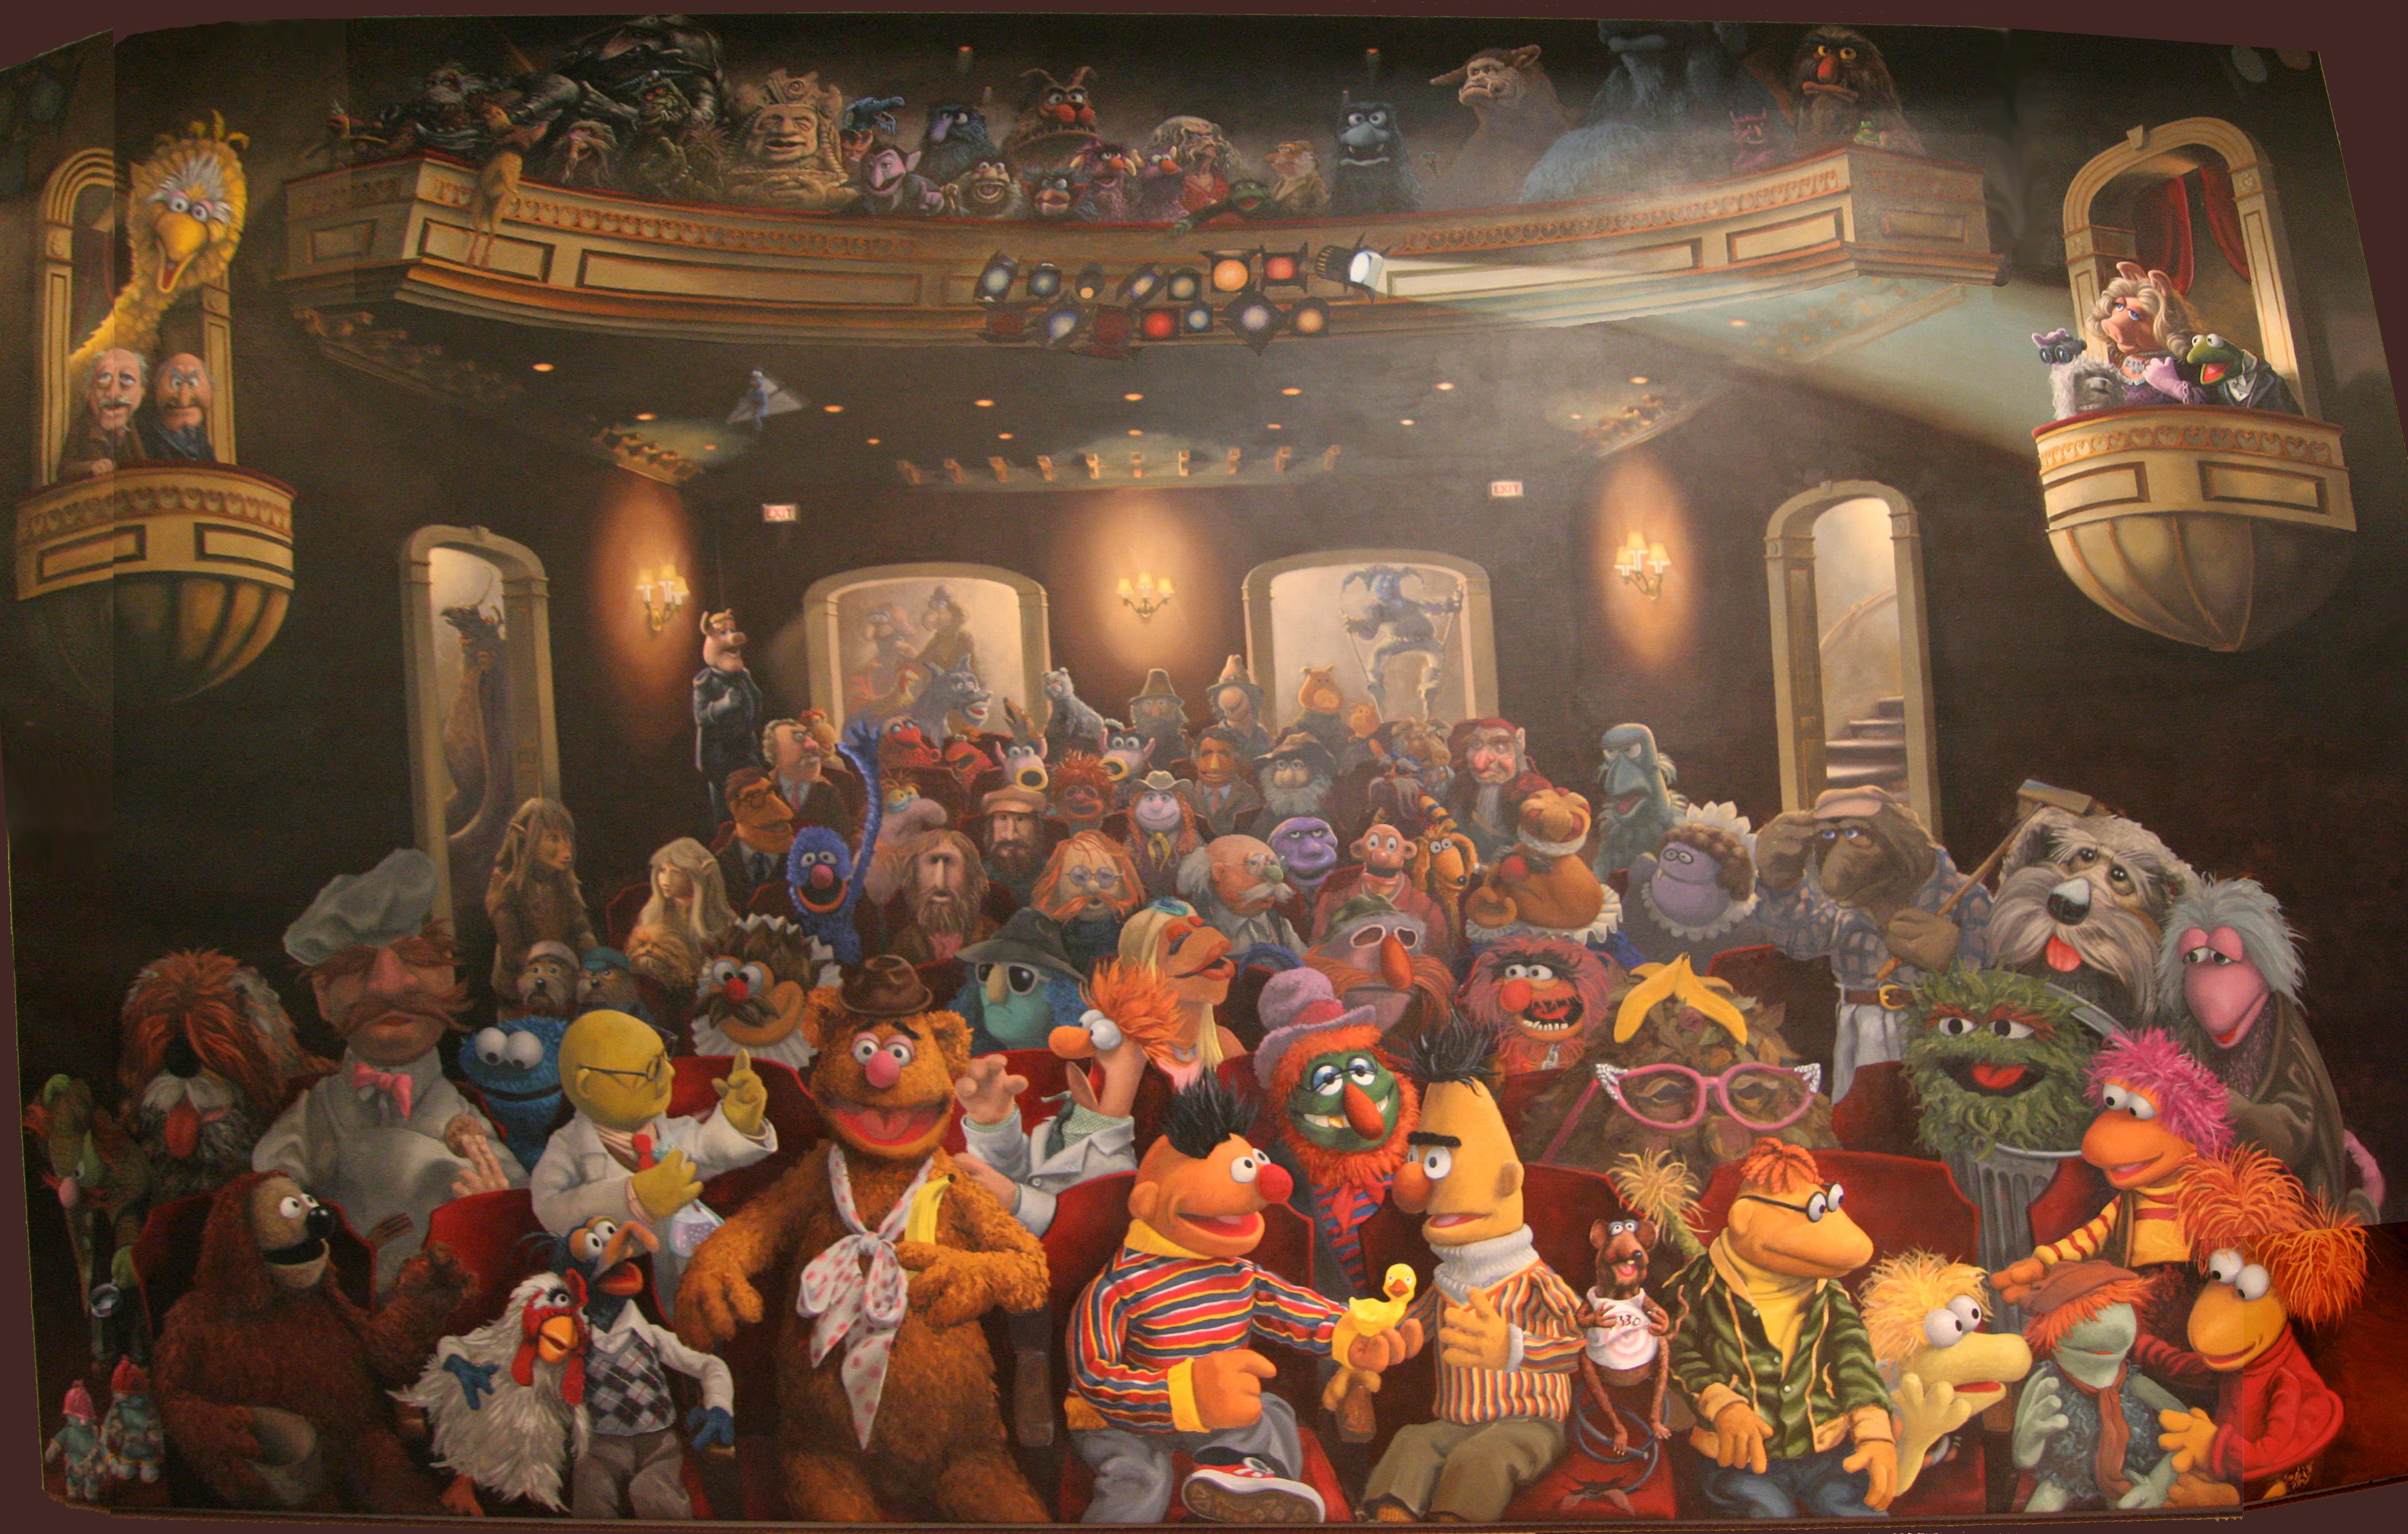 The Muppet Show 4k Ultra HD Wallpaper